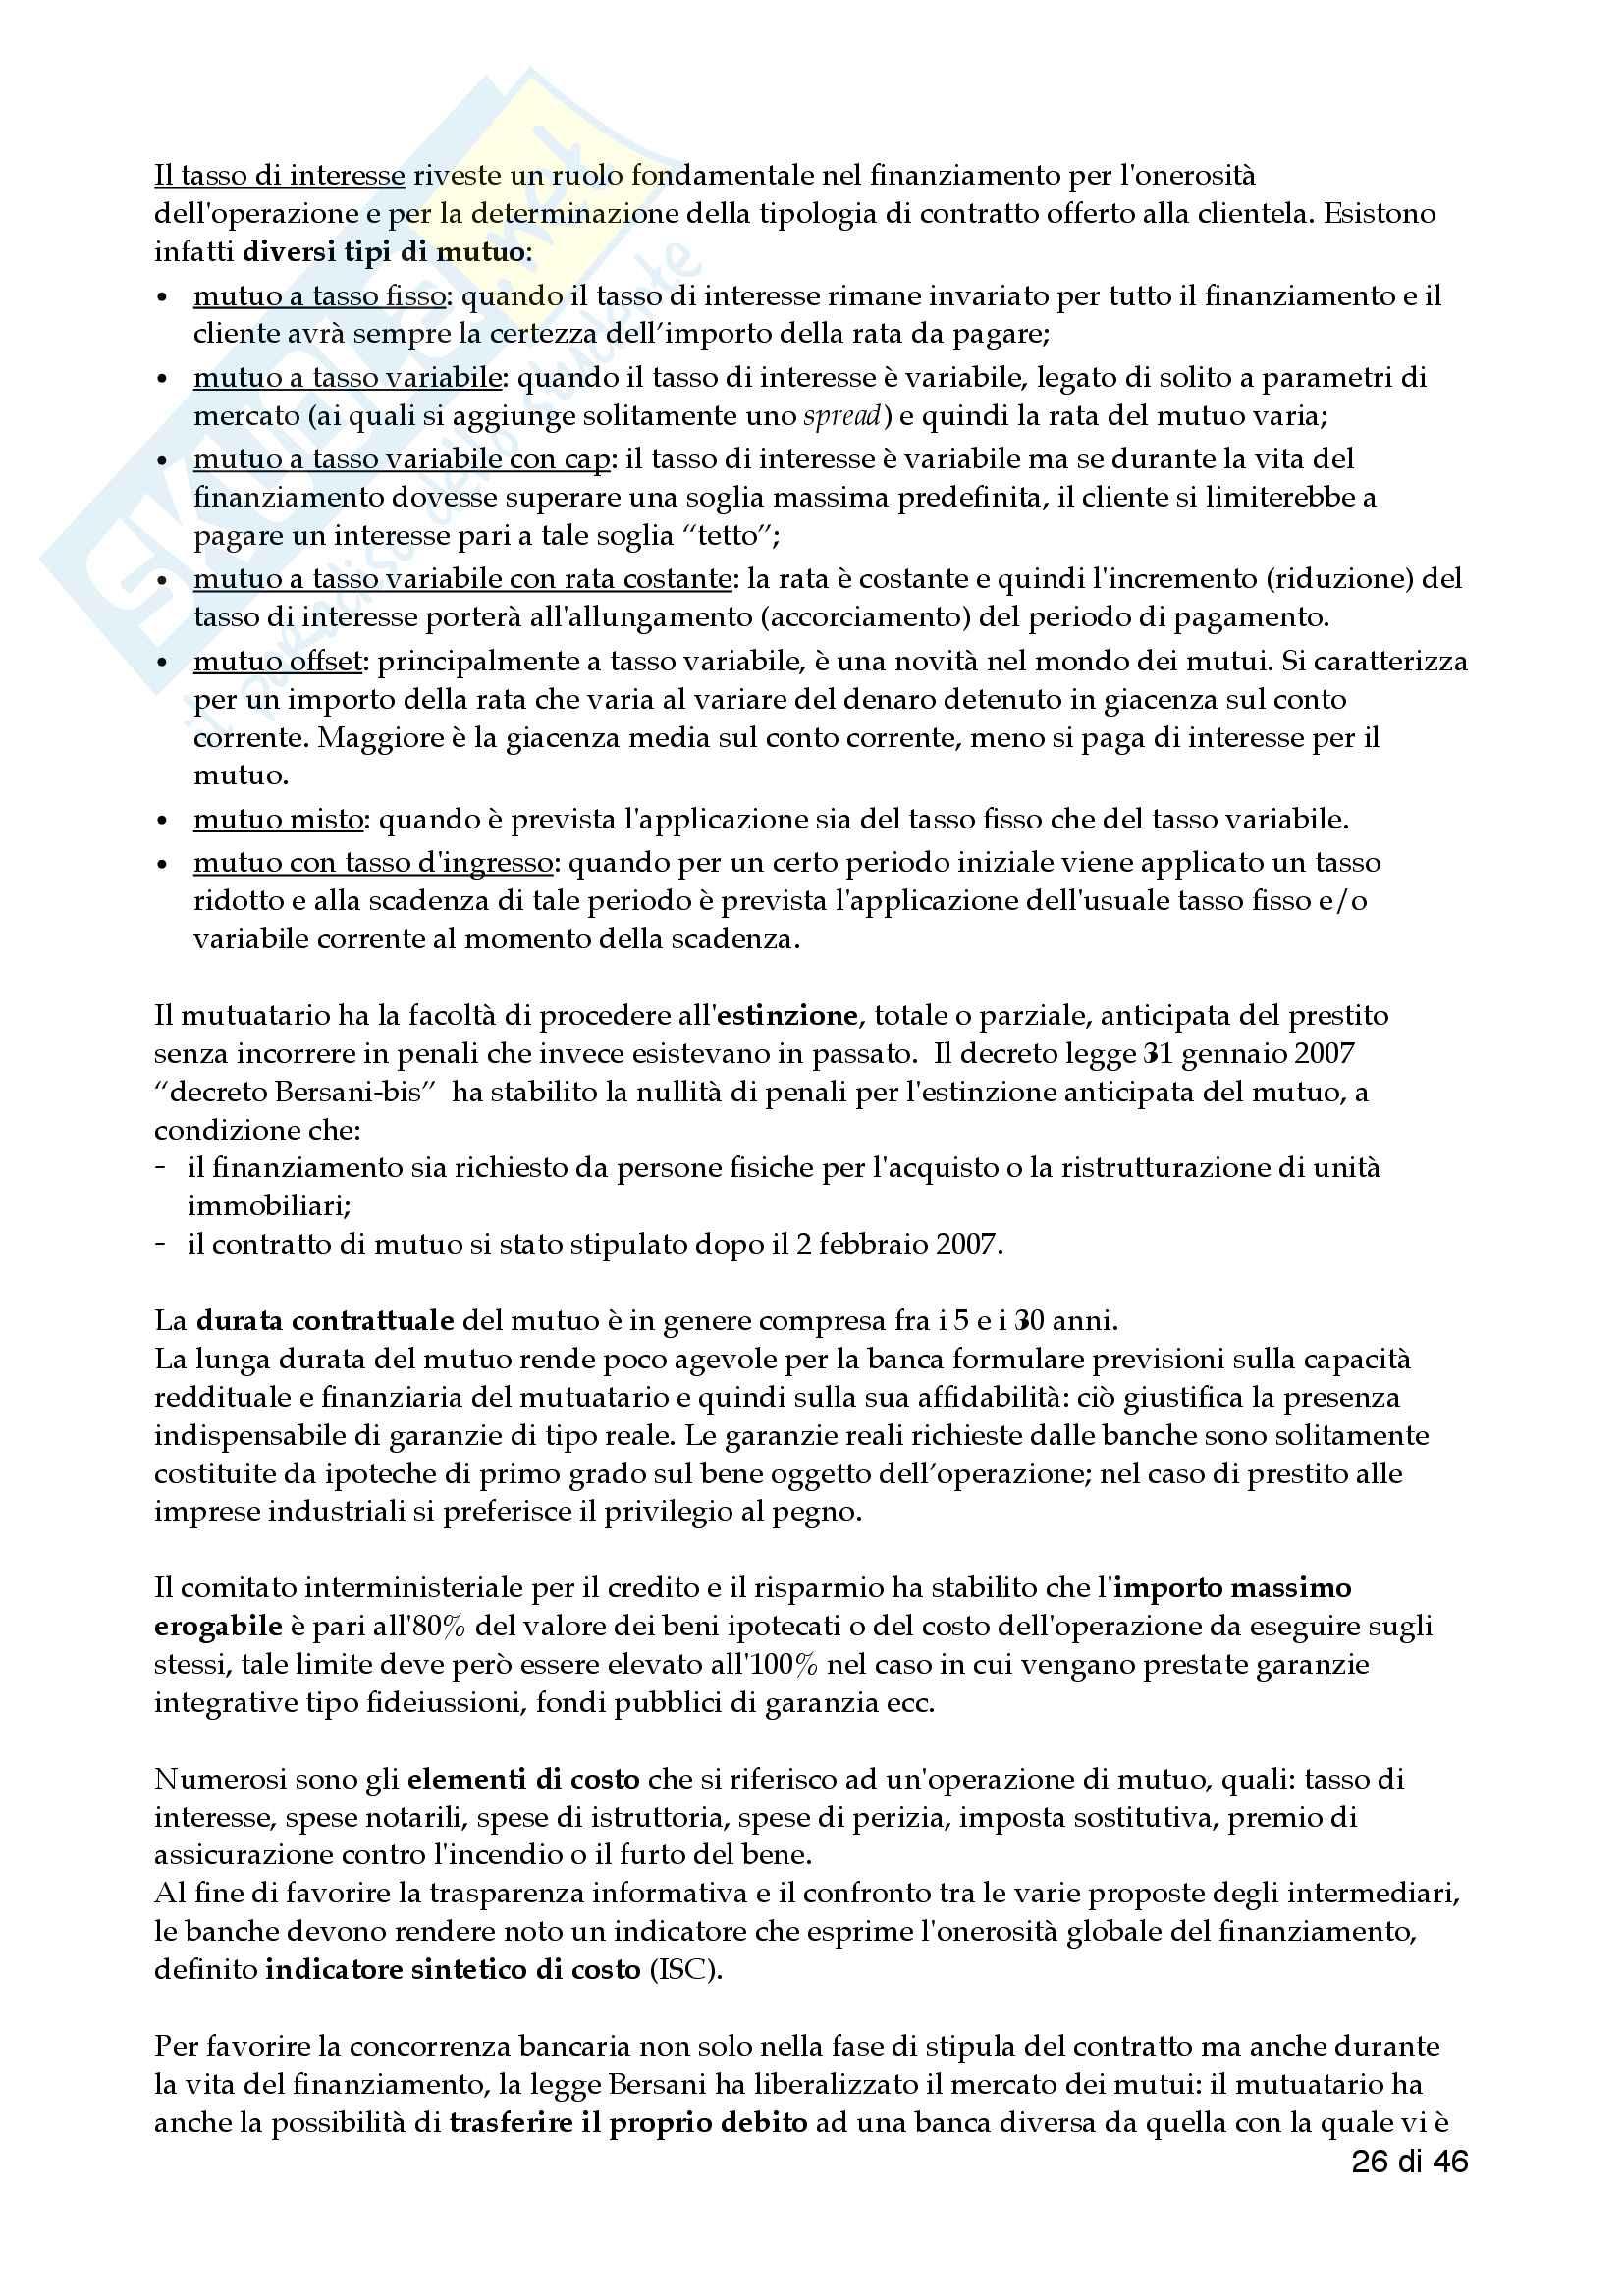 Economia delle aziende di credito - 1 Pariziale pdf Pag. 26